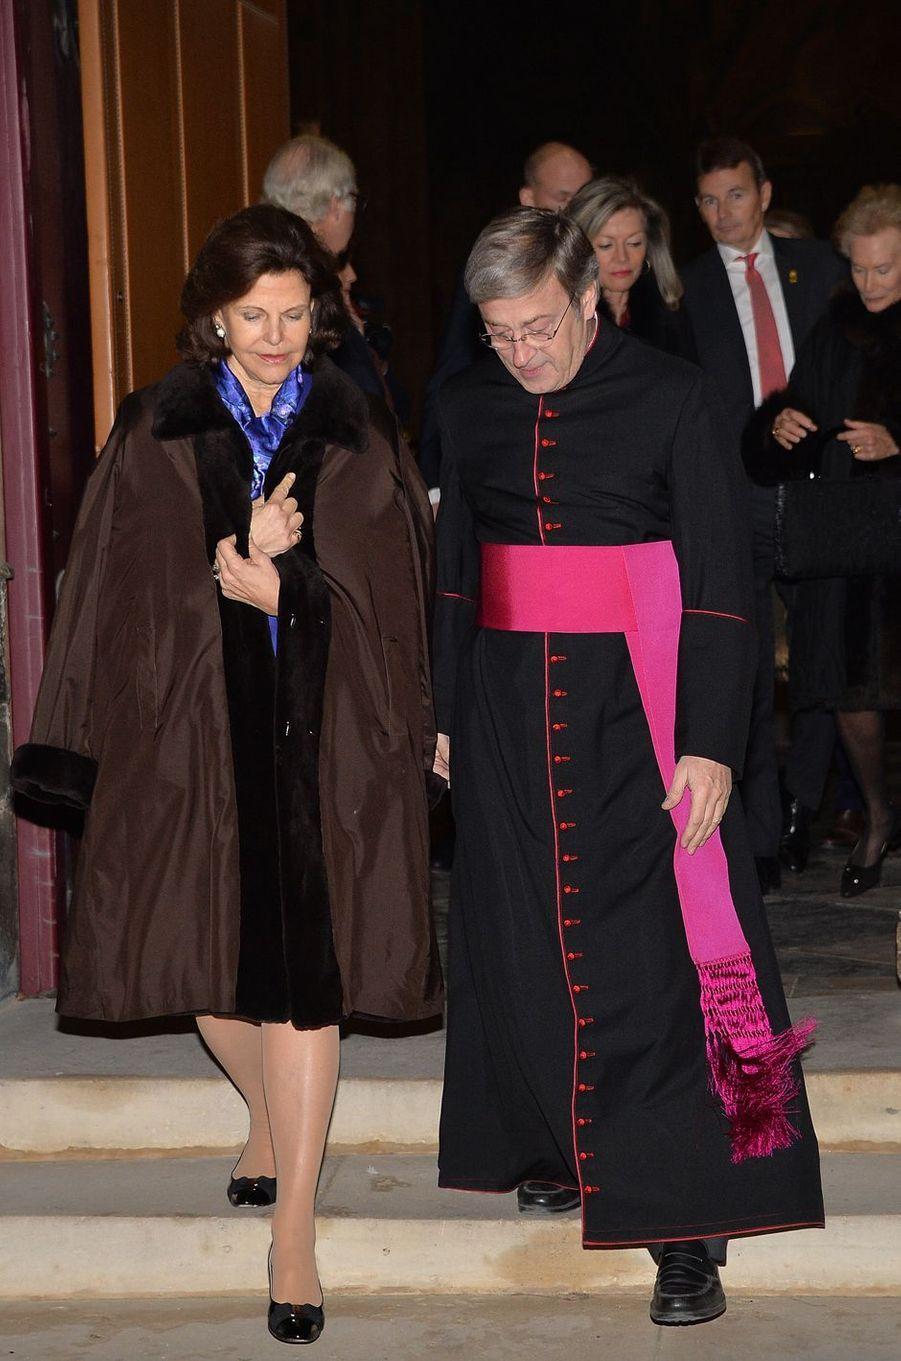 La reine Silvia de Suède avec Monseigneur Patrick Chauvet à Notre-Dame de Paris, le 6 décembre 2016